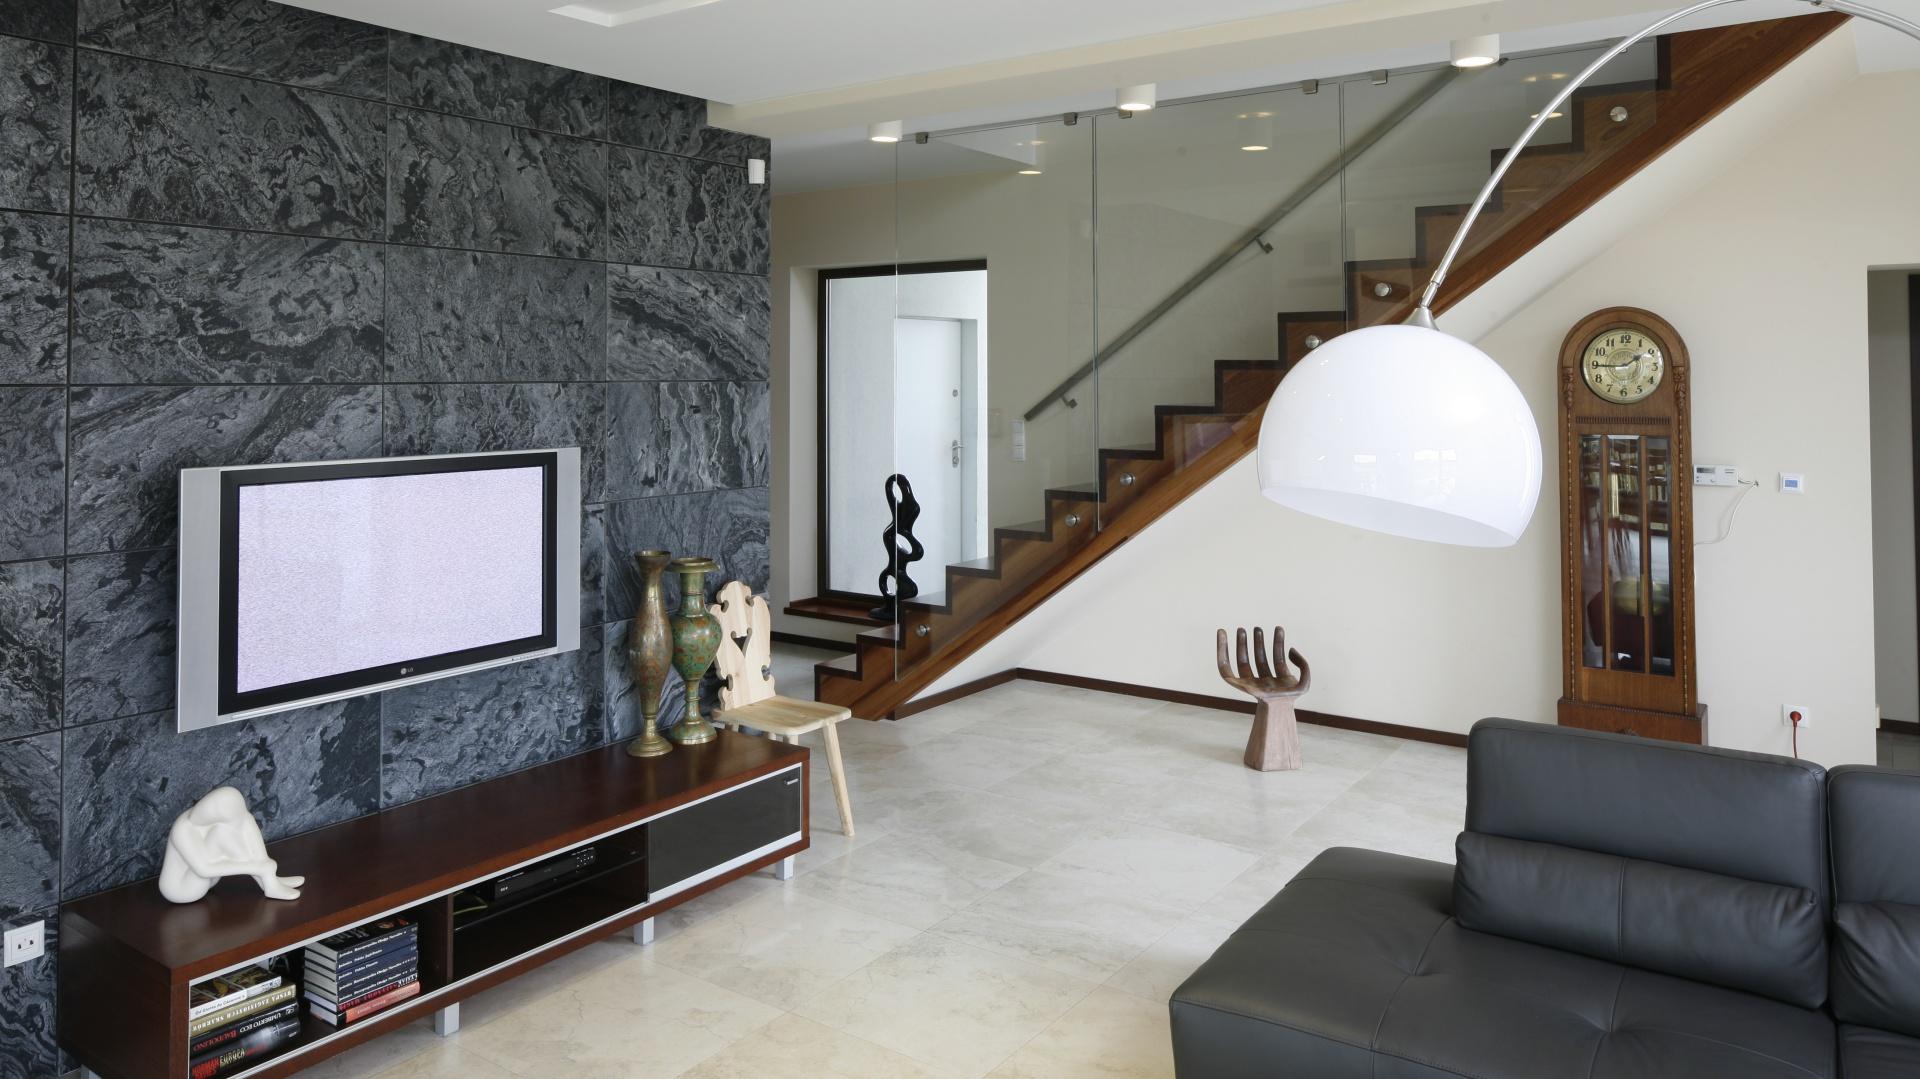 Na ścianie za telewizorem zastosowano polerowany łupek, pod kolor kamienia dobrano także niektóre meble. Projekt: Piotr Stanisz. Fot. Bartosz Jarosz